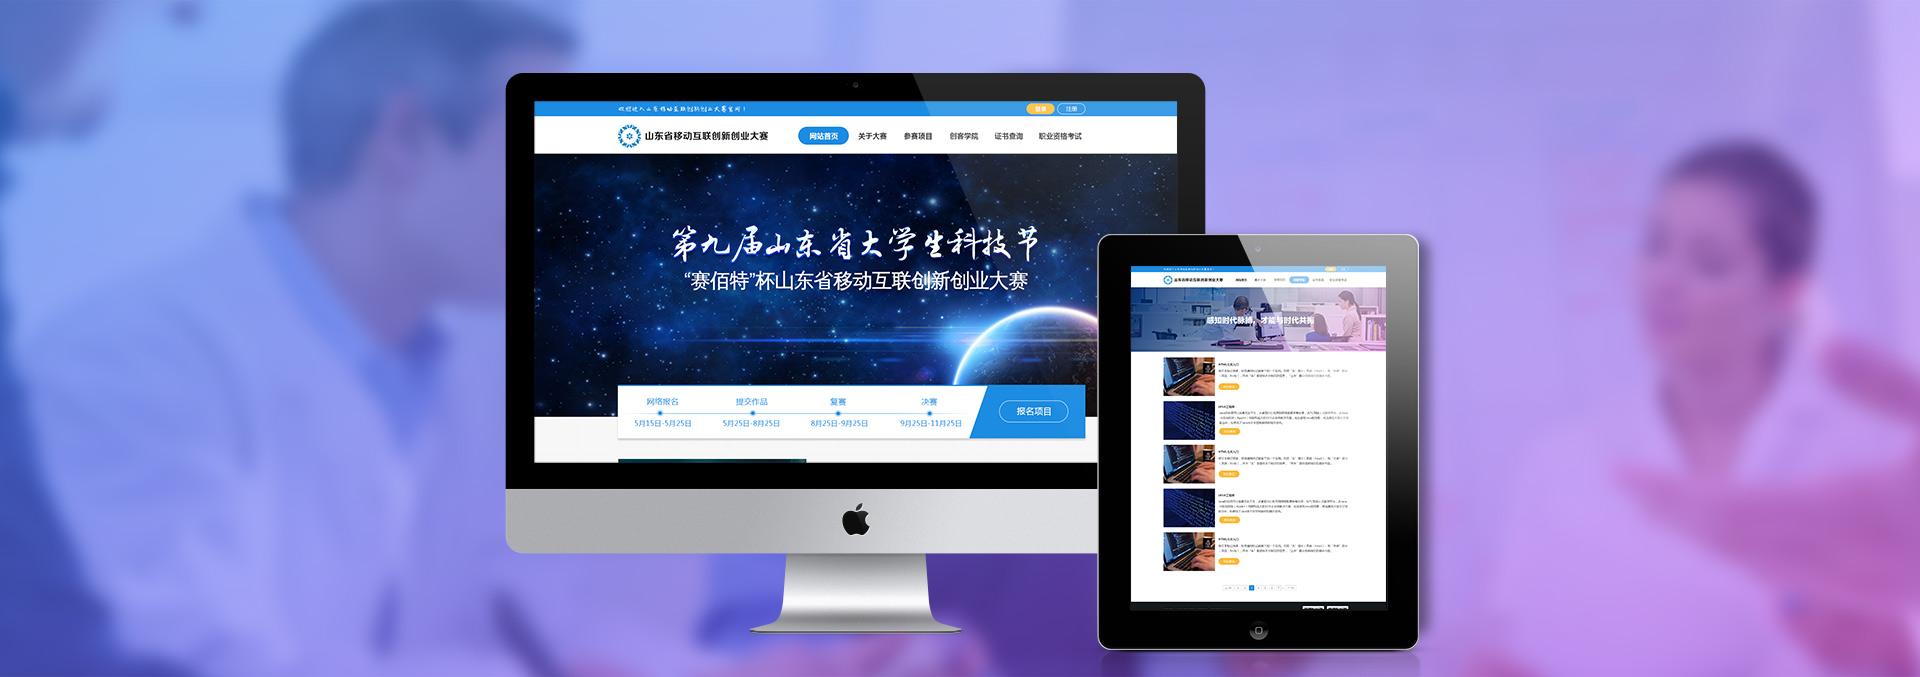 山东省移动互联创新创业大赛官网